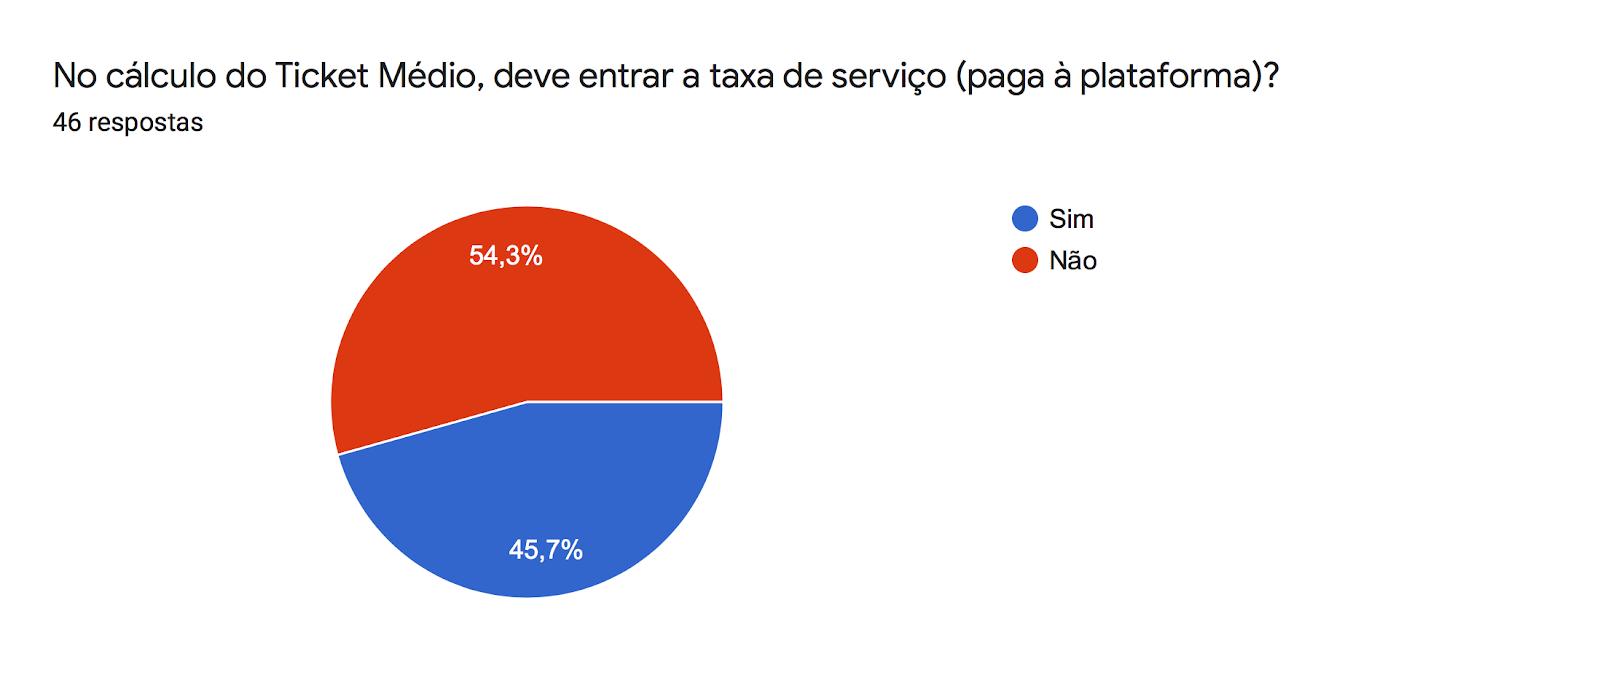 Gráfico de respostas do Formulários Google. Título da pergunta: No cálculo do Ticket Médio, deve entrar a taxa de serviço (paga à plataforma)?. Número de respostas: 46 respostas.